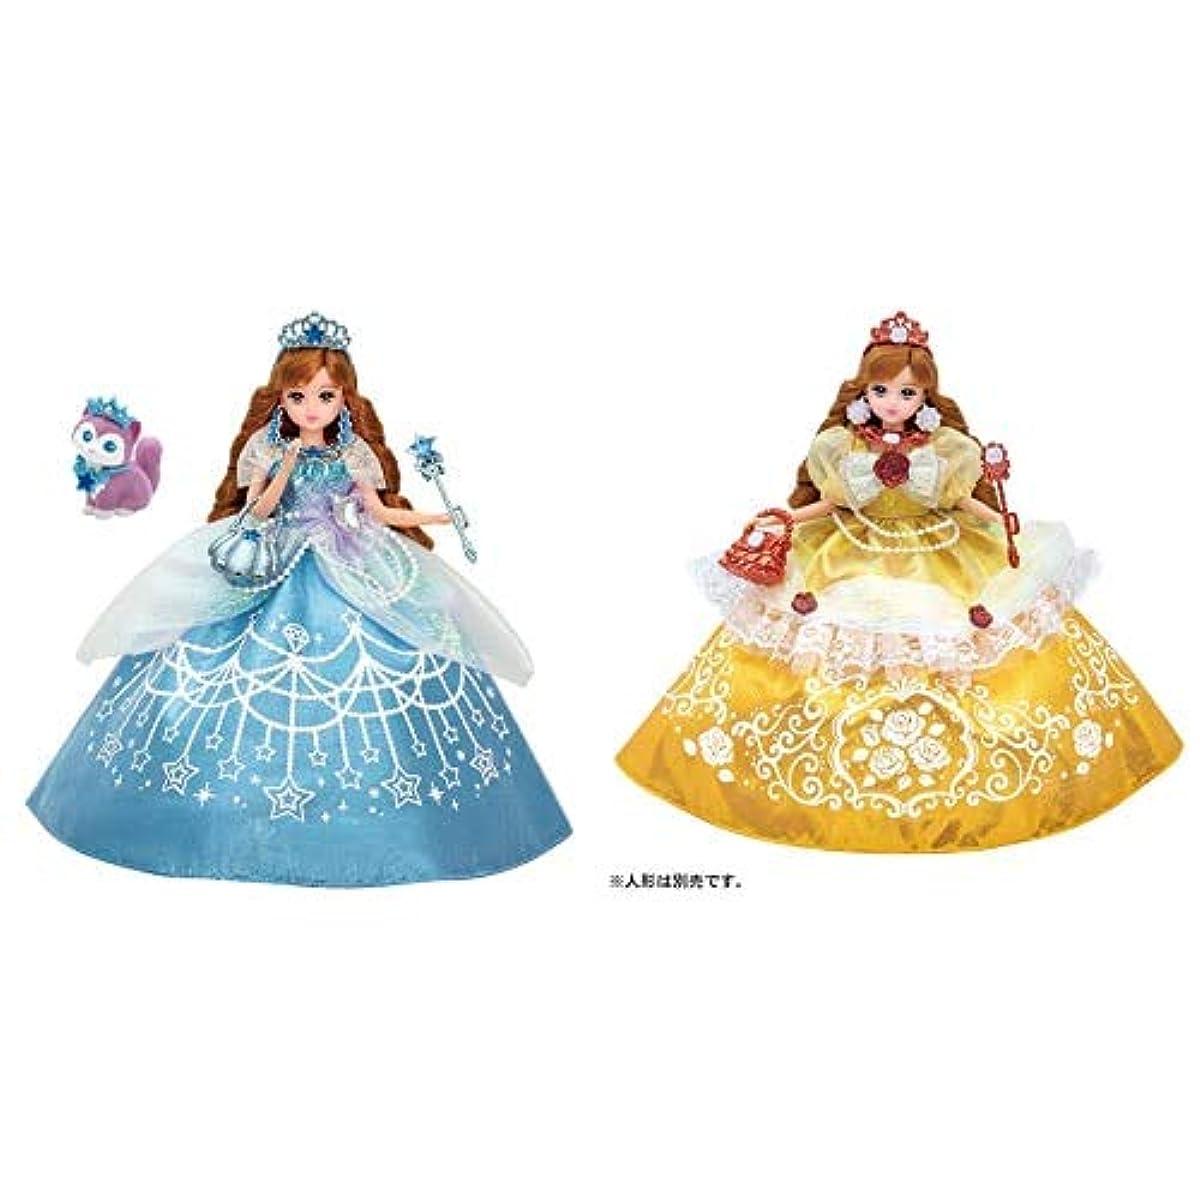 [해외] 리카짱 큐빅스톤 꿈꾸는 공주님 스타 라이트세이라제대로 리카짱 드레스 꿈꾸는 공주님 엘레강트(elegant) 로즈 드레스의 세트